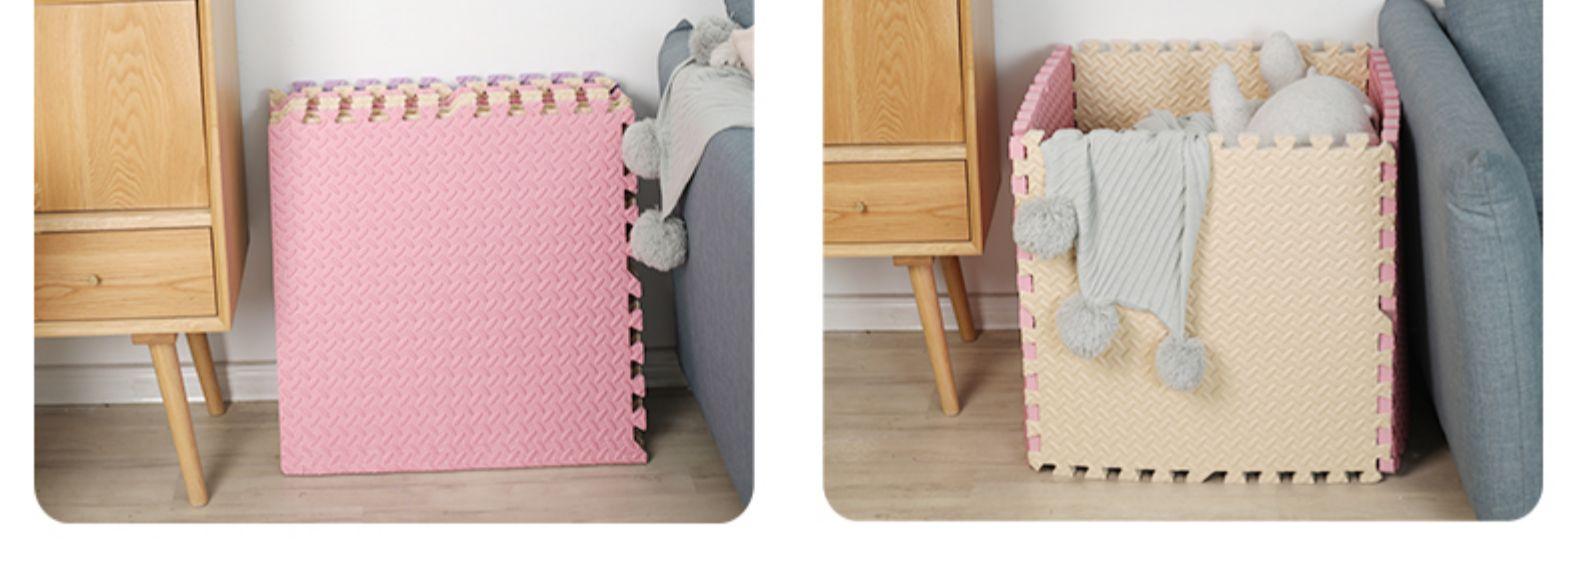 泡沬地垫拼接一整张儿童家用拼图可坐地板垫加厚婴儿爬行垫爬爬垫详细照片